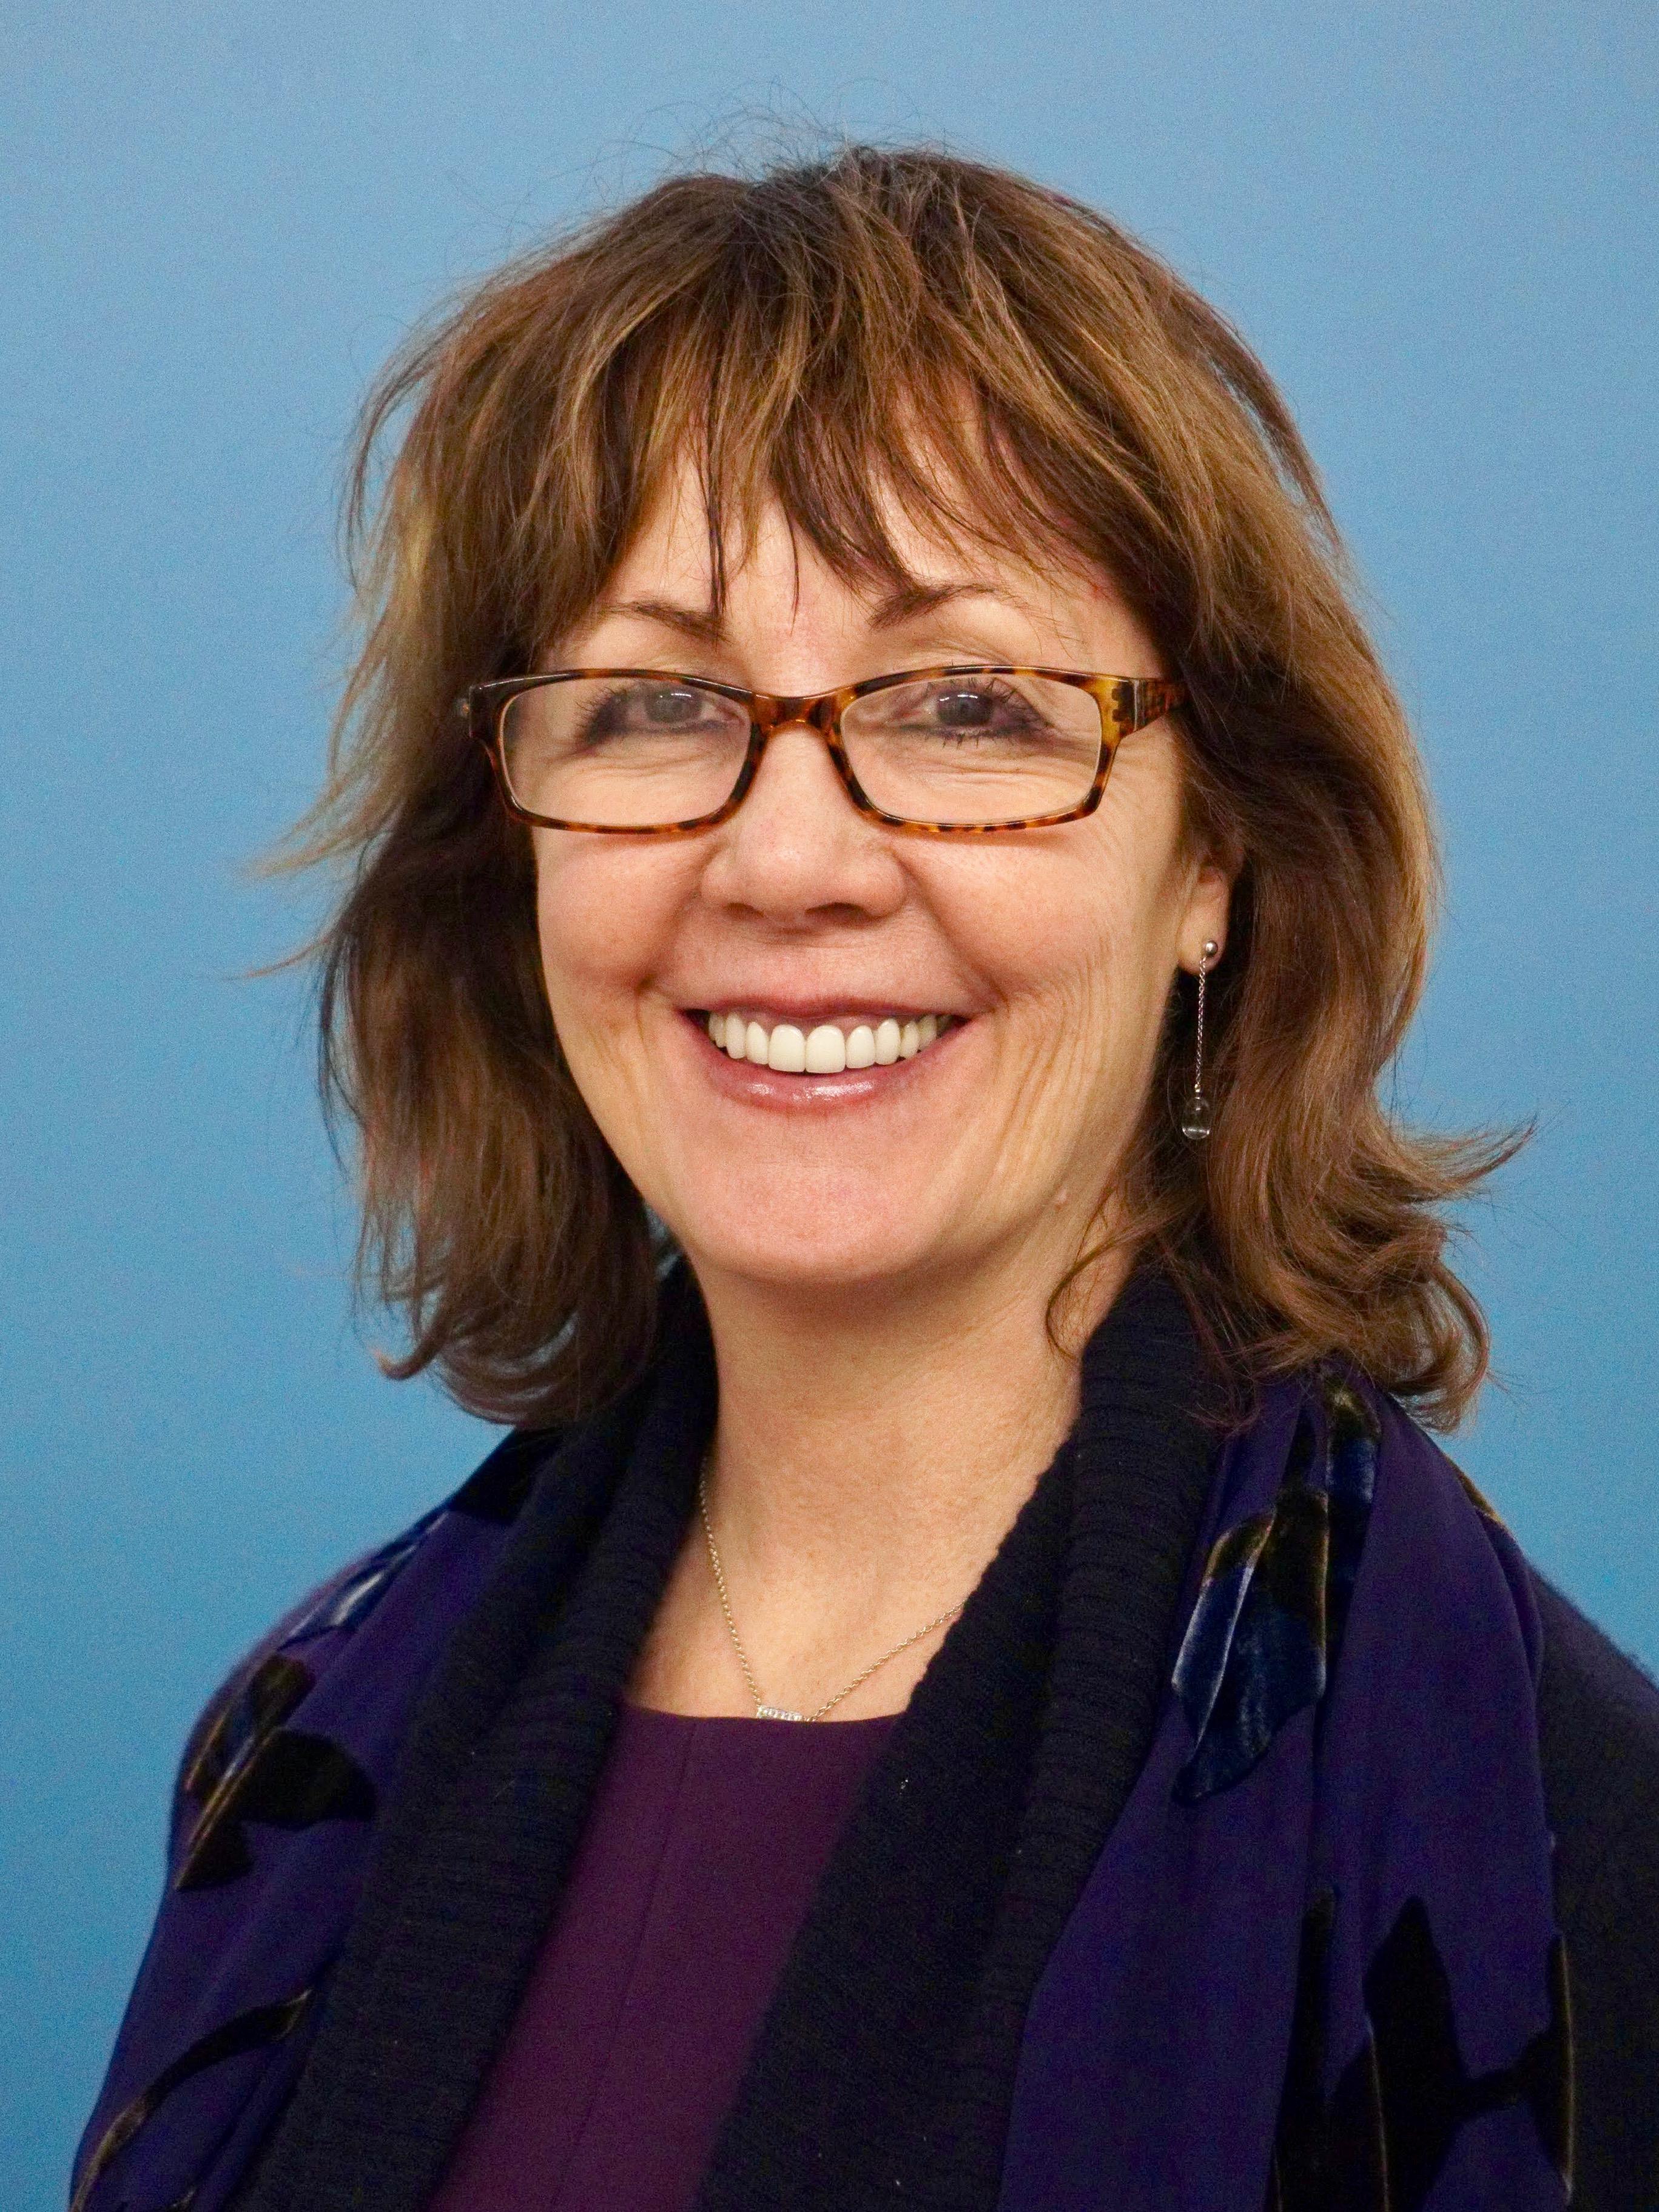 Elaine McArdle